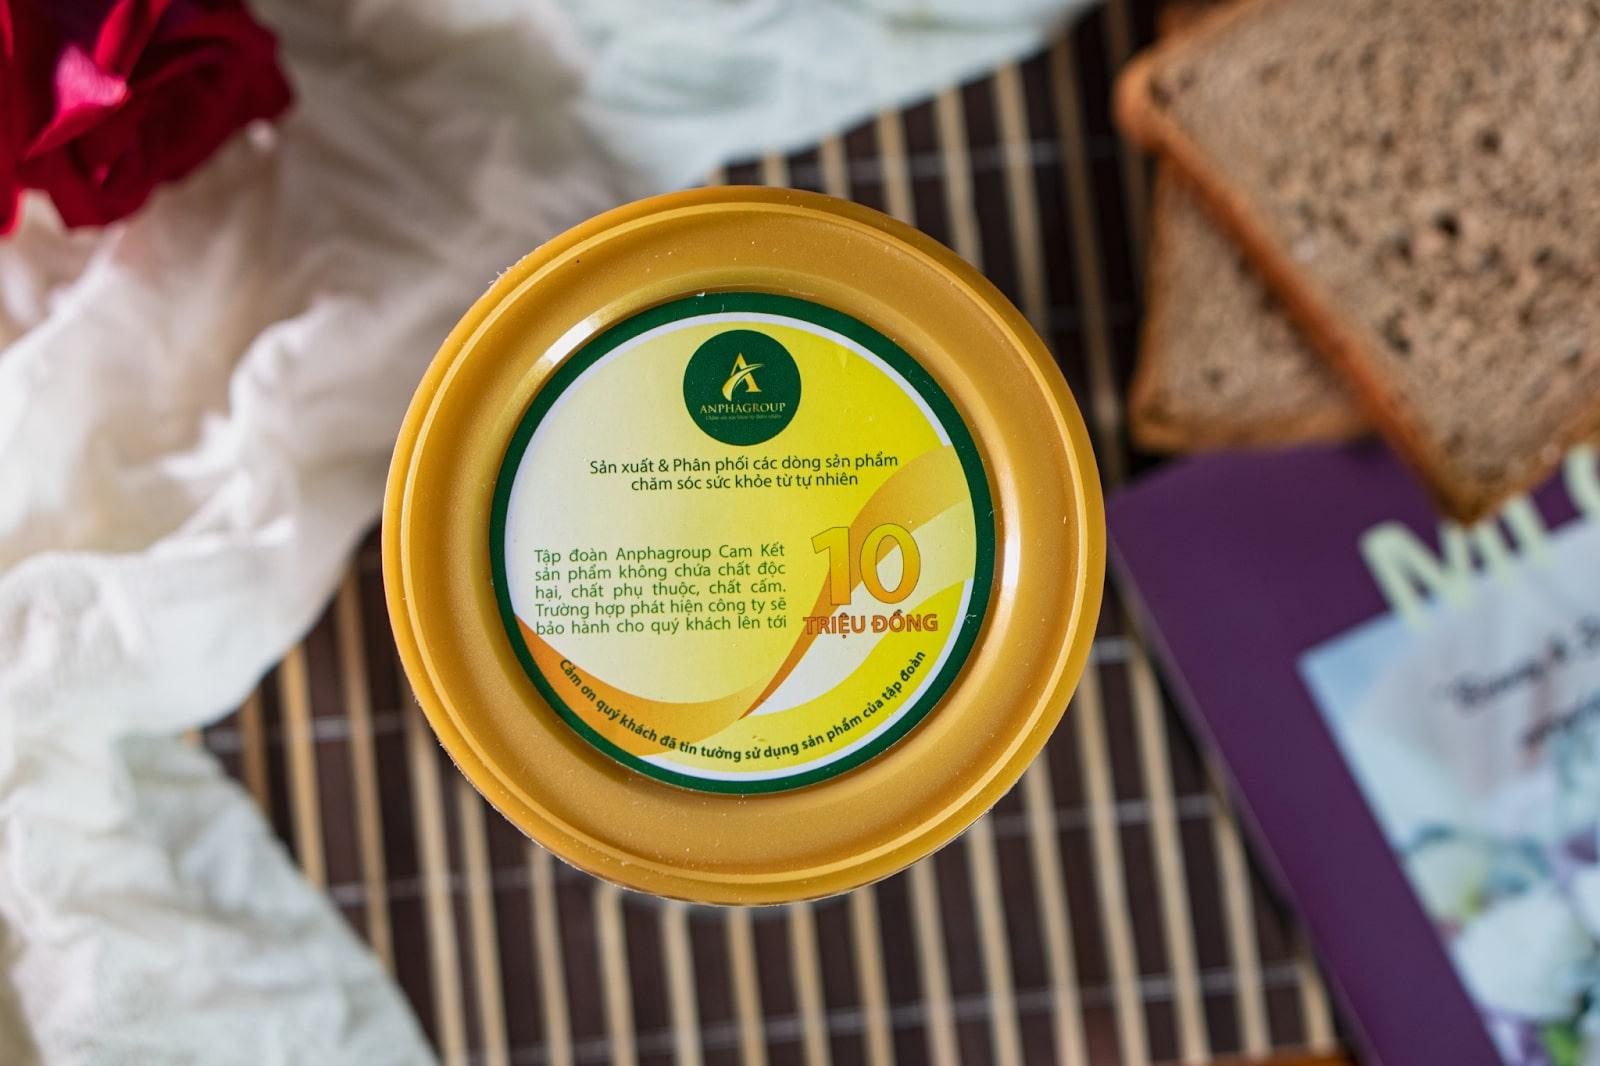 Thực phẩm bảo vệ sức khỏe Anpha Milk là bảo chứng cho hiệu quả và chất lượng của sản phẩm